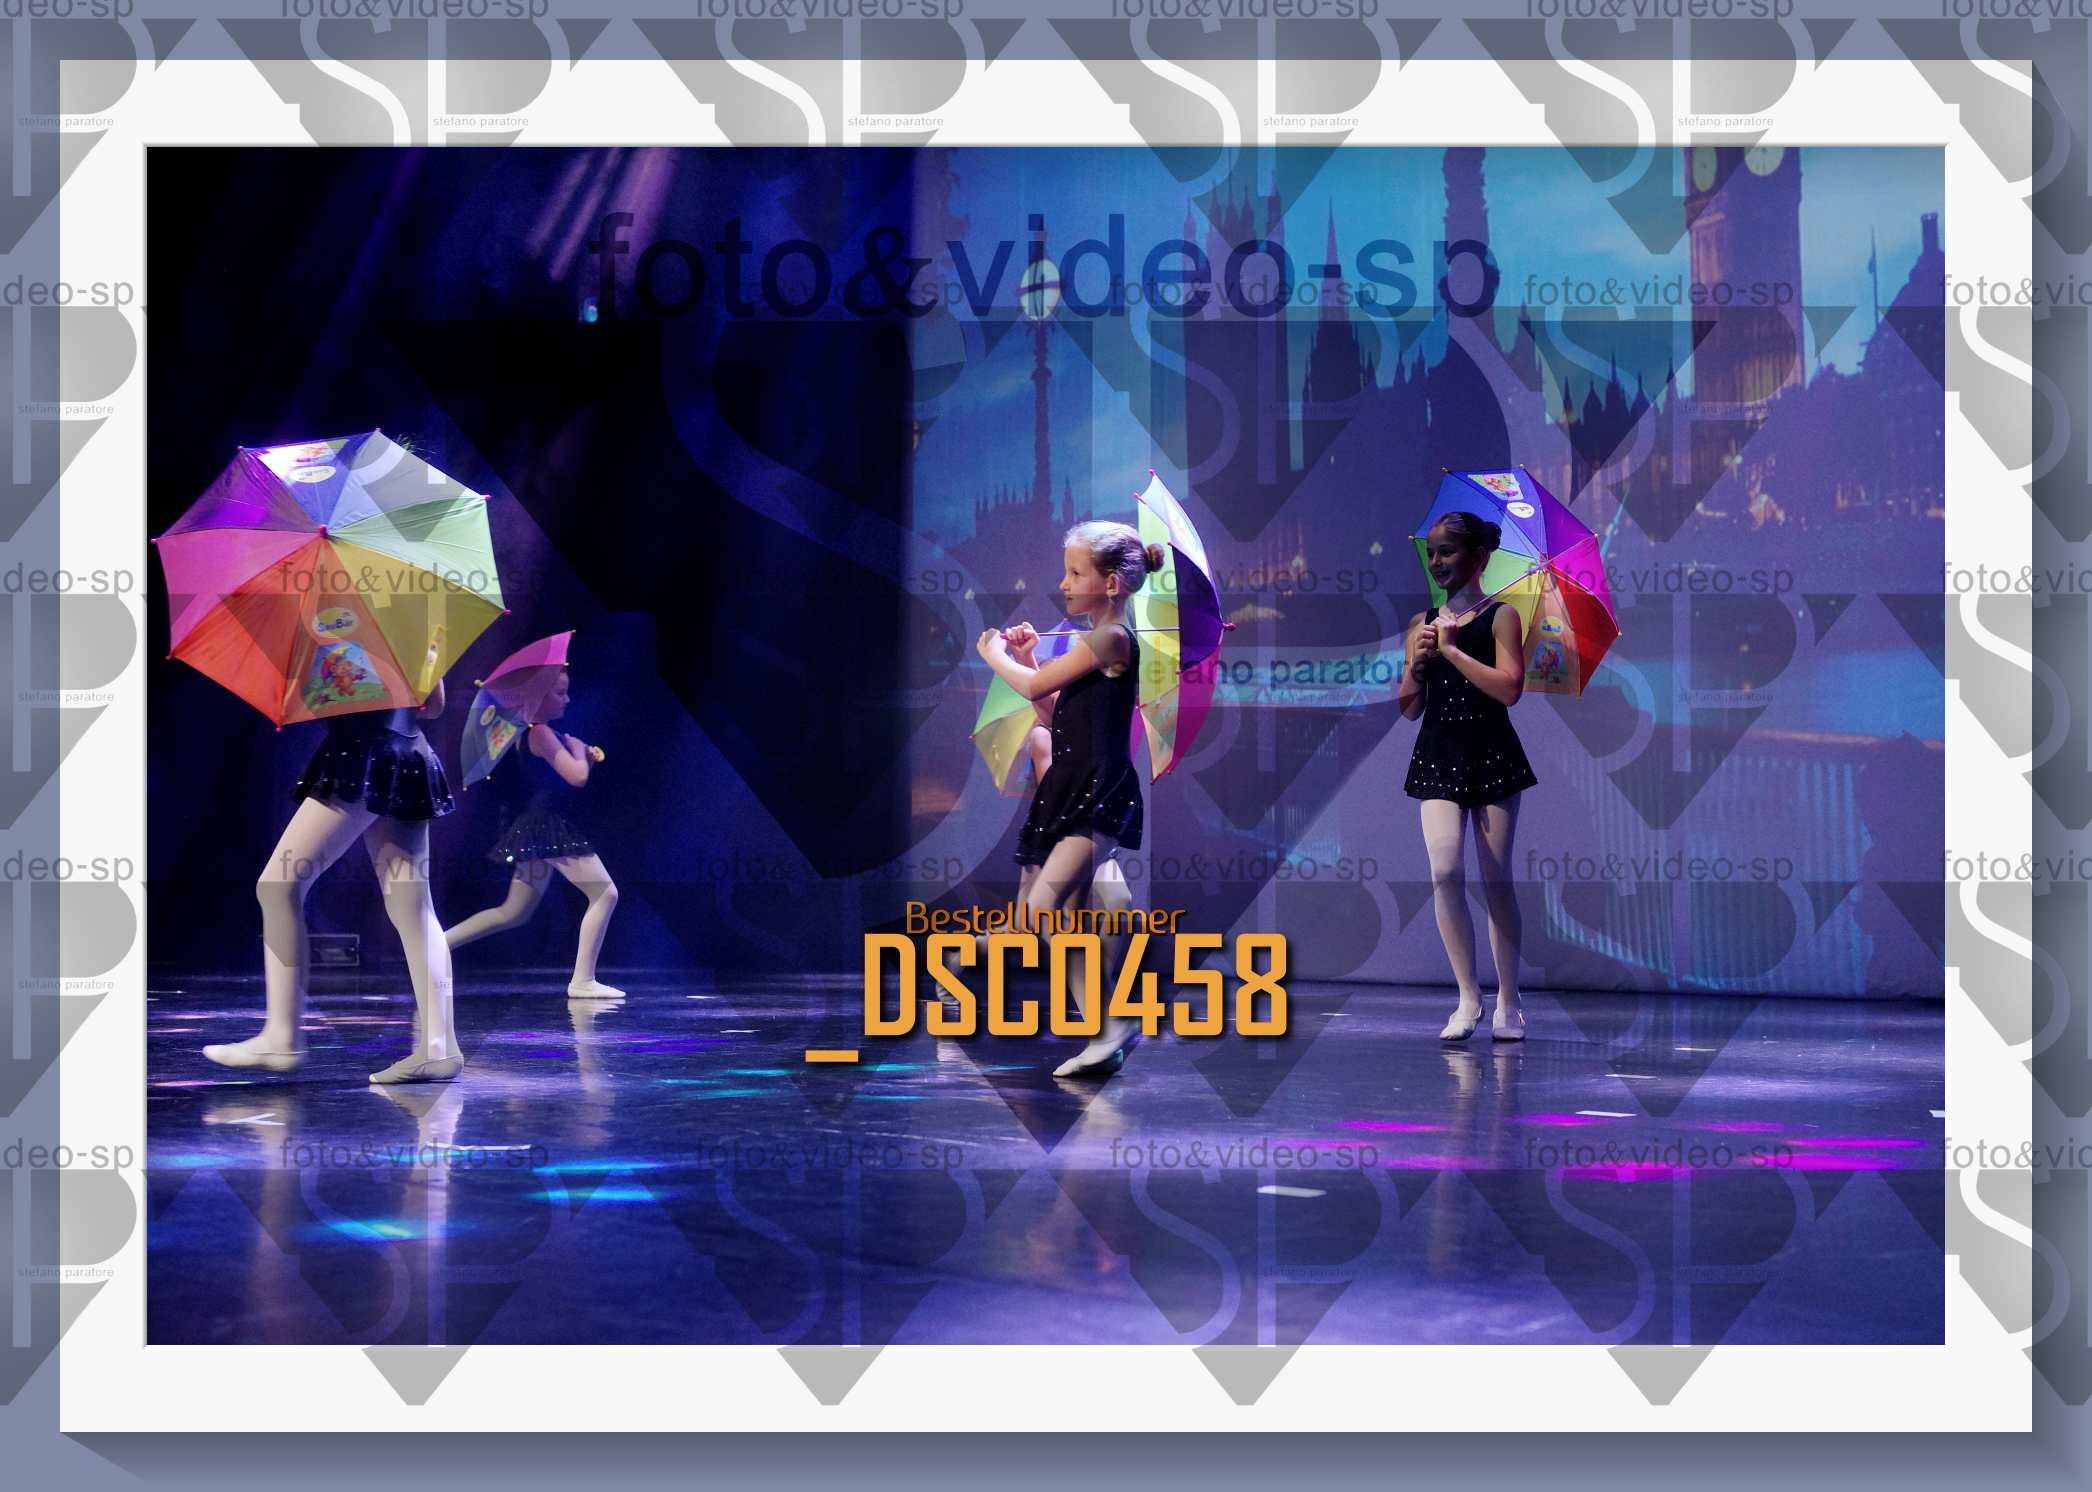 DSC0458